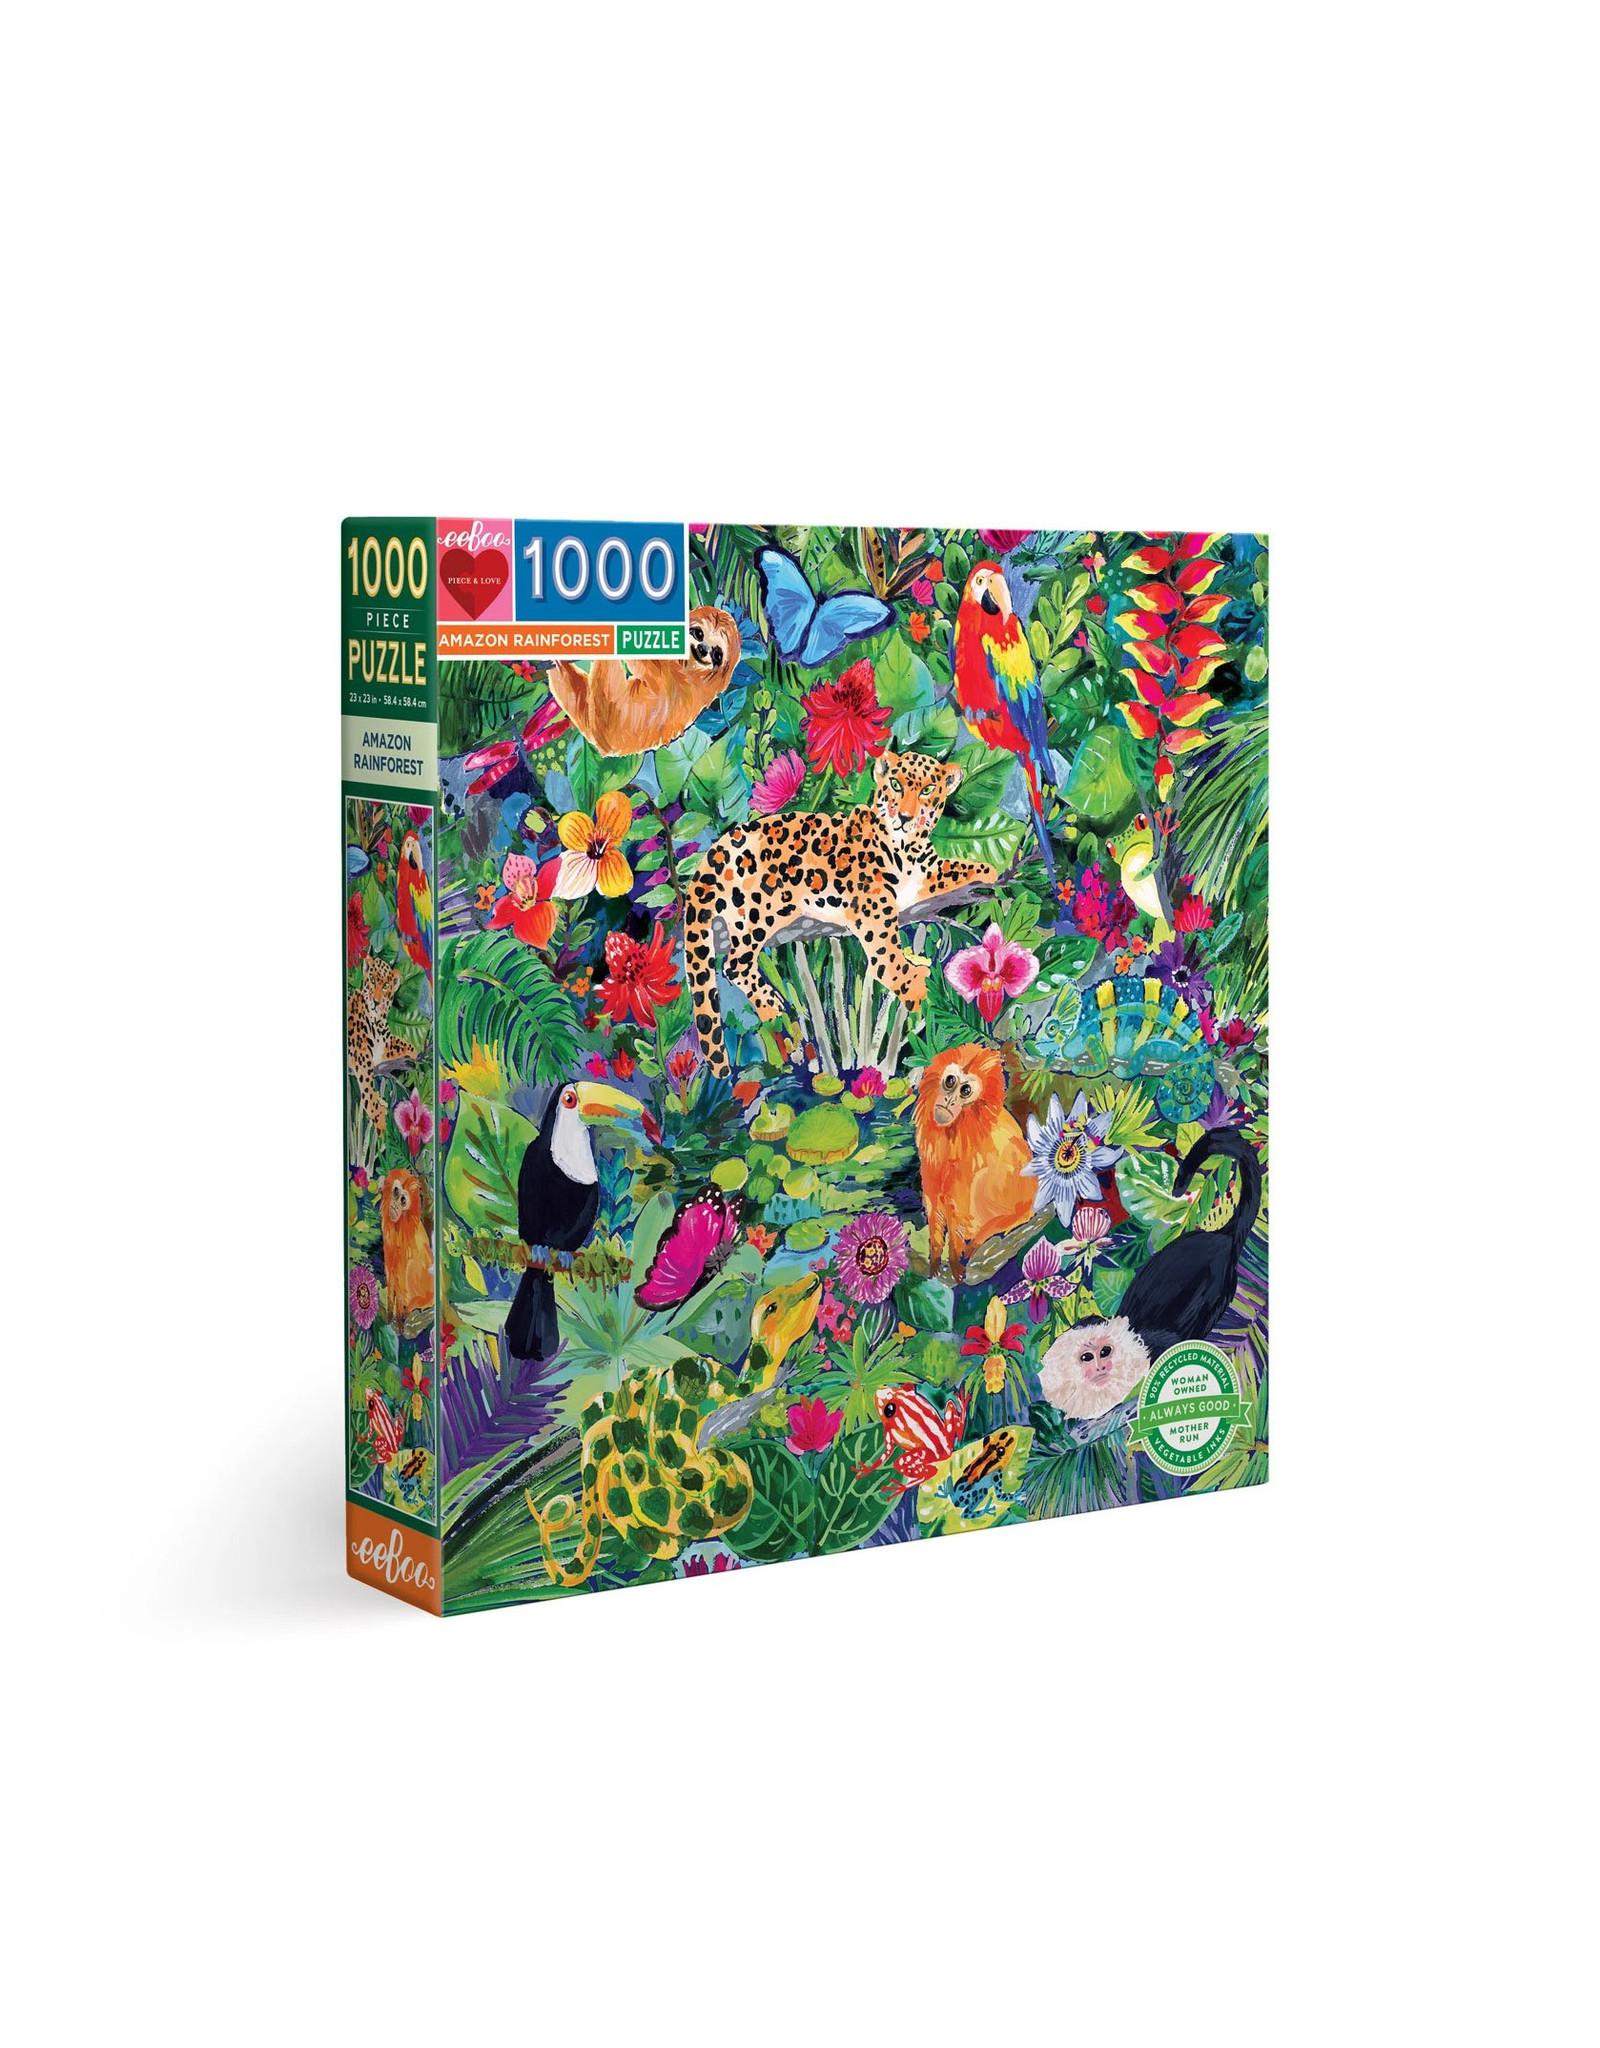 Amazon Rainforest 1000 pc Puzzle